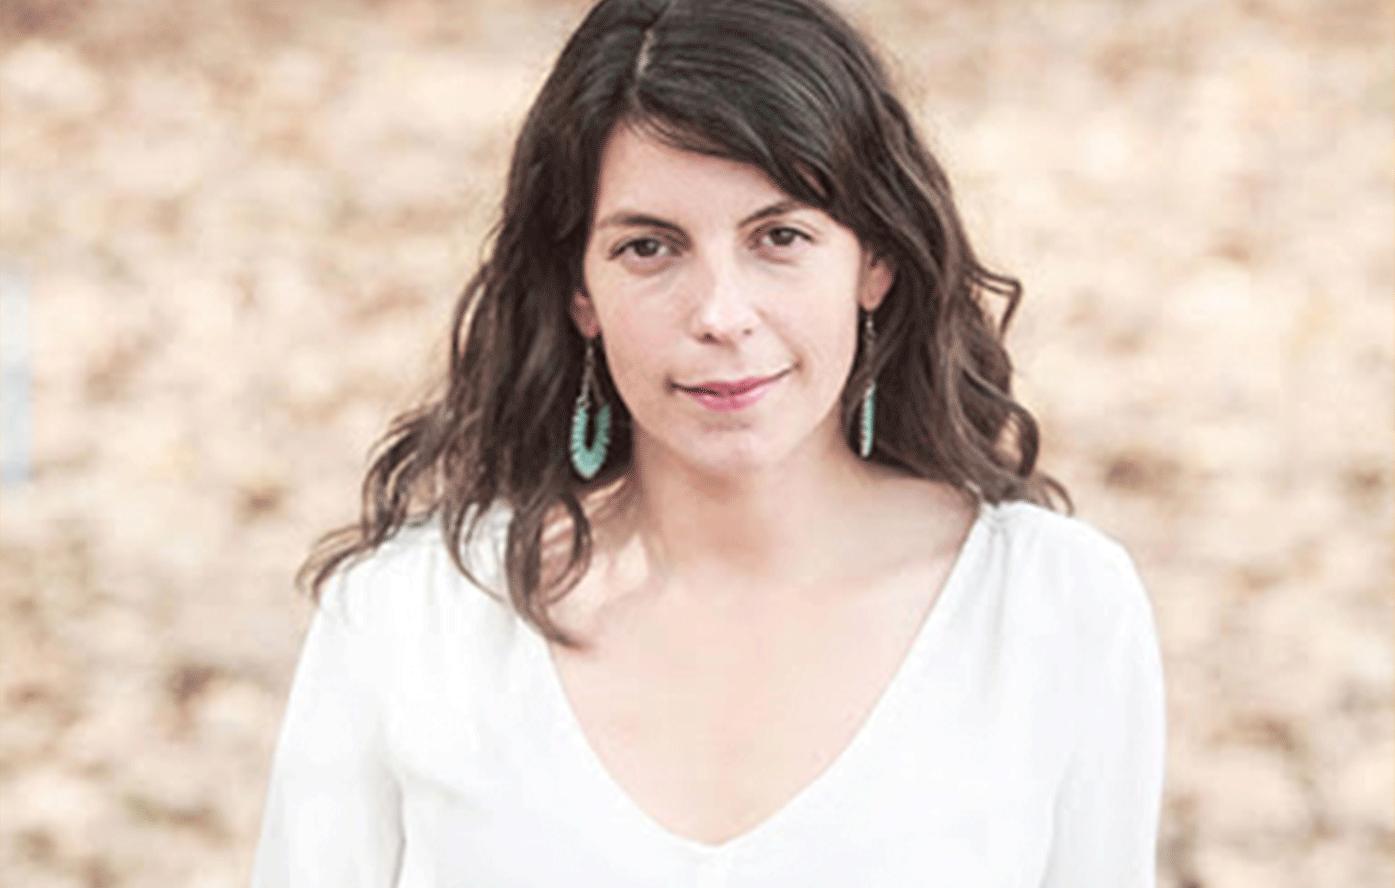 La directora ejecutiva de América Solidaria-Chile, Magdalena Valdés, da una serie de recomendaciones para trabajar el COVID-19 en relación a niños, niñas y adolescentes.